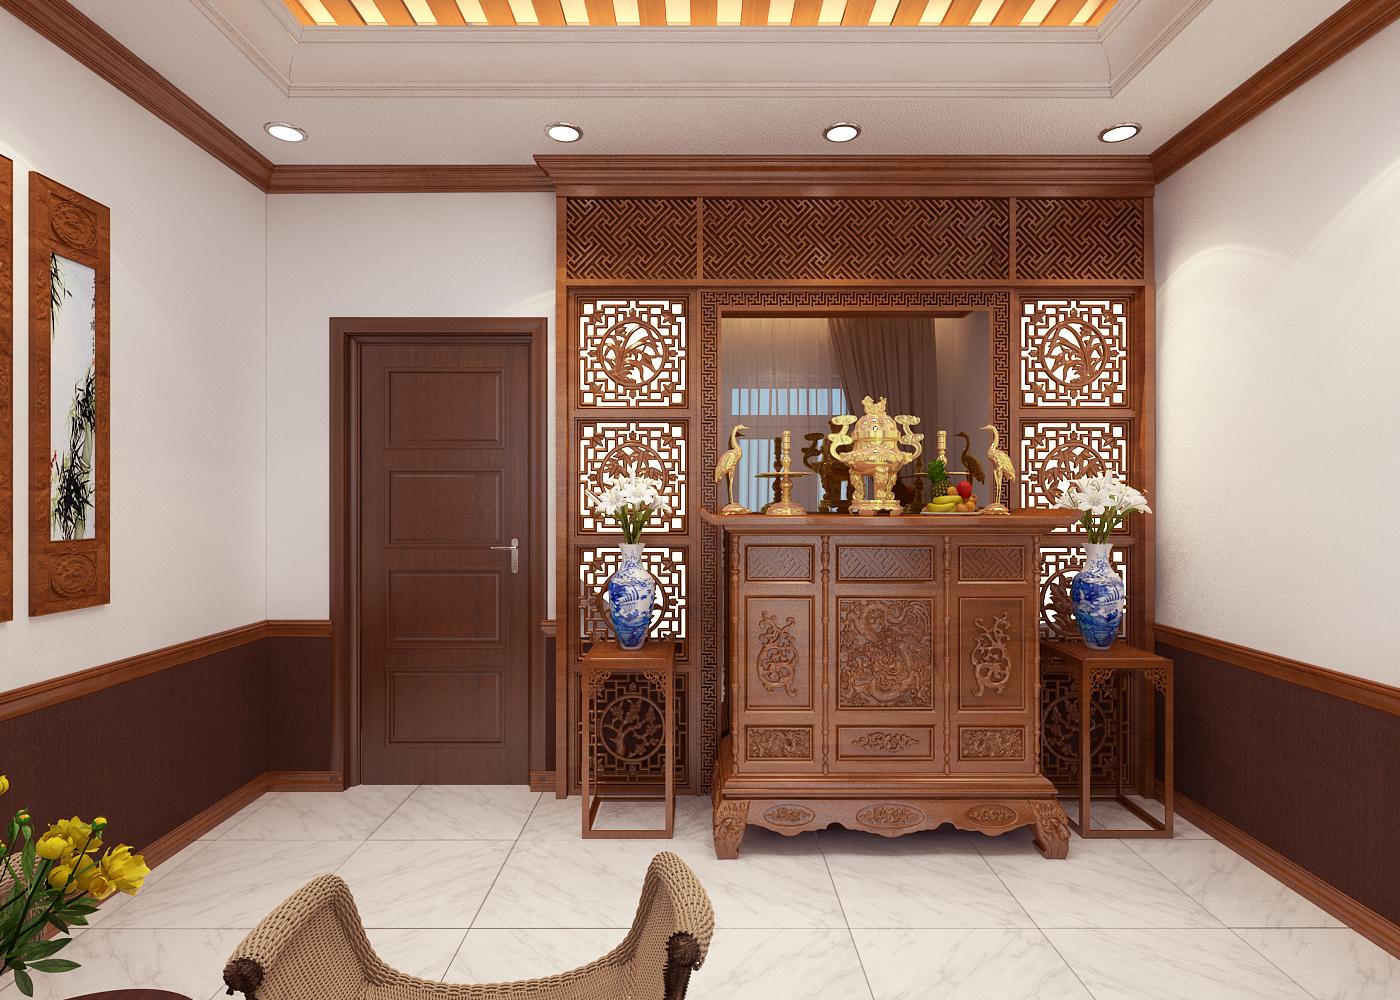 Phong tho 1 1 Mẫu nhà biệt thự 2 tầng mái thái 8,5x15m có khu sân vườn mini đẹp mê mệt ở Vũng Tàu